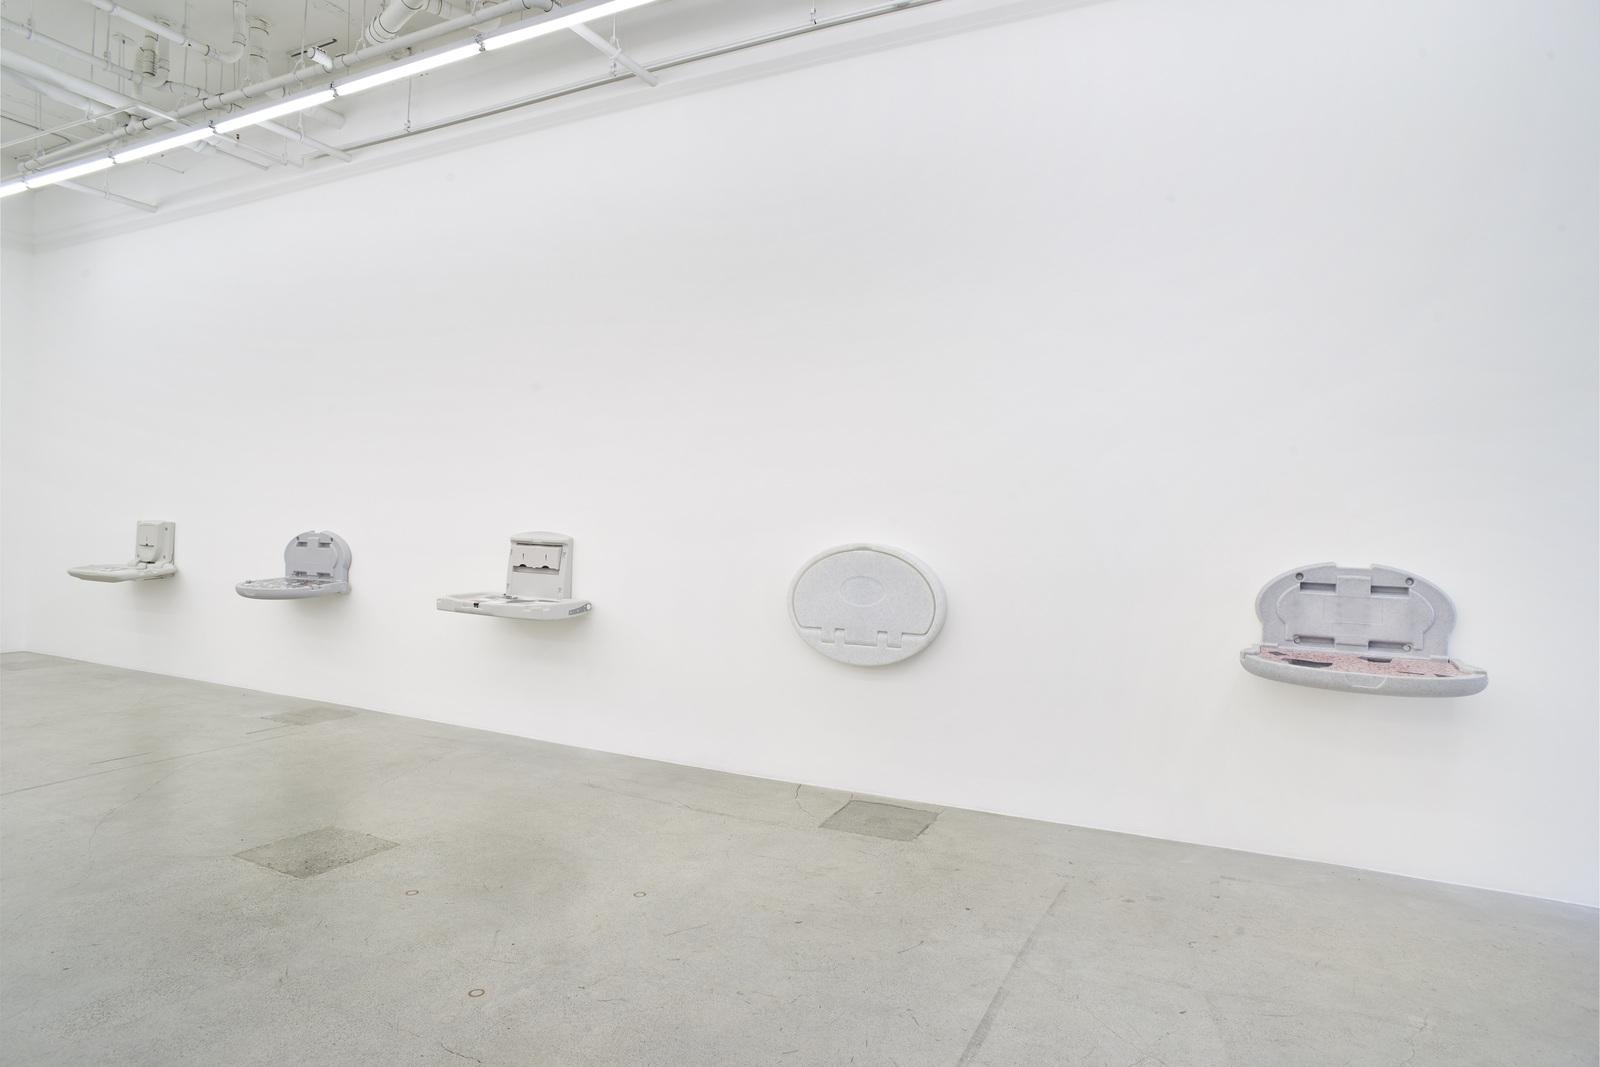 Wermers_Grundstück, 2017_Jessica Silverman Gallery_installation view_017